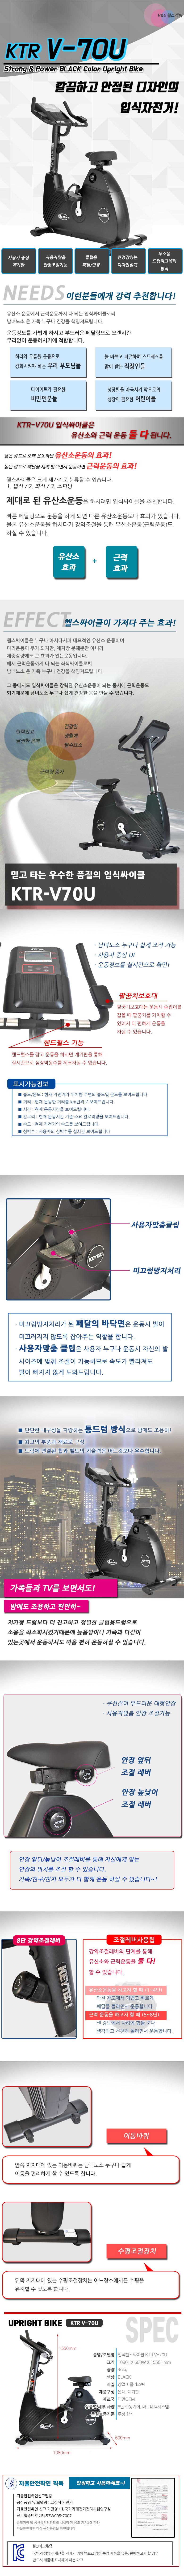 V70U_detail.jpg